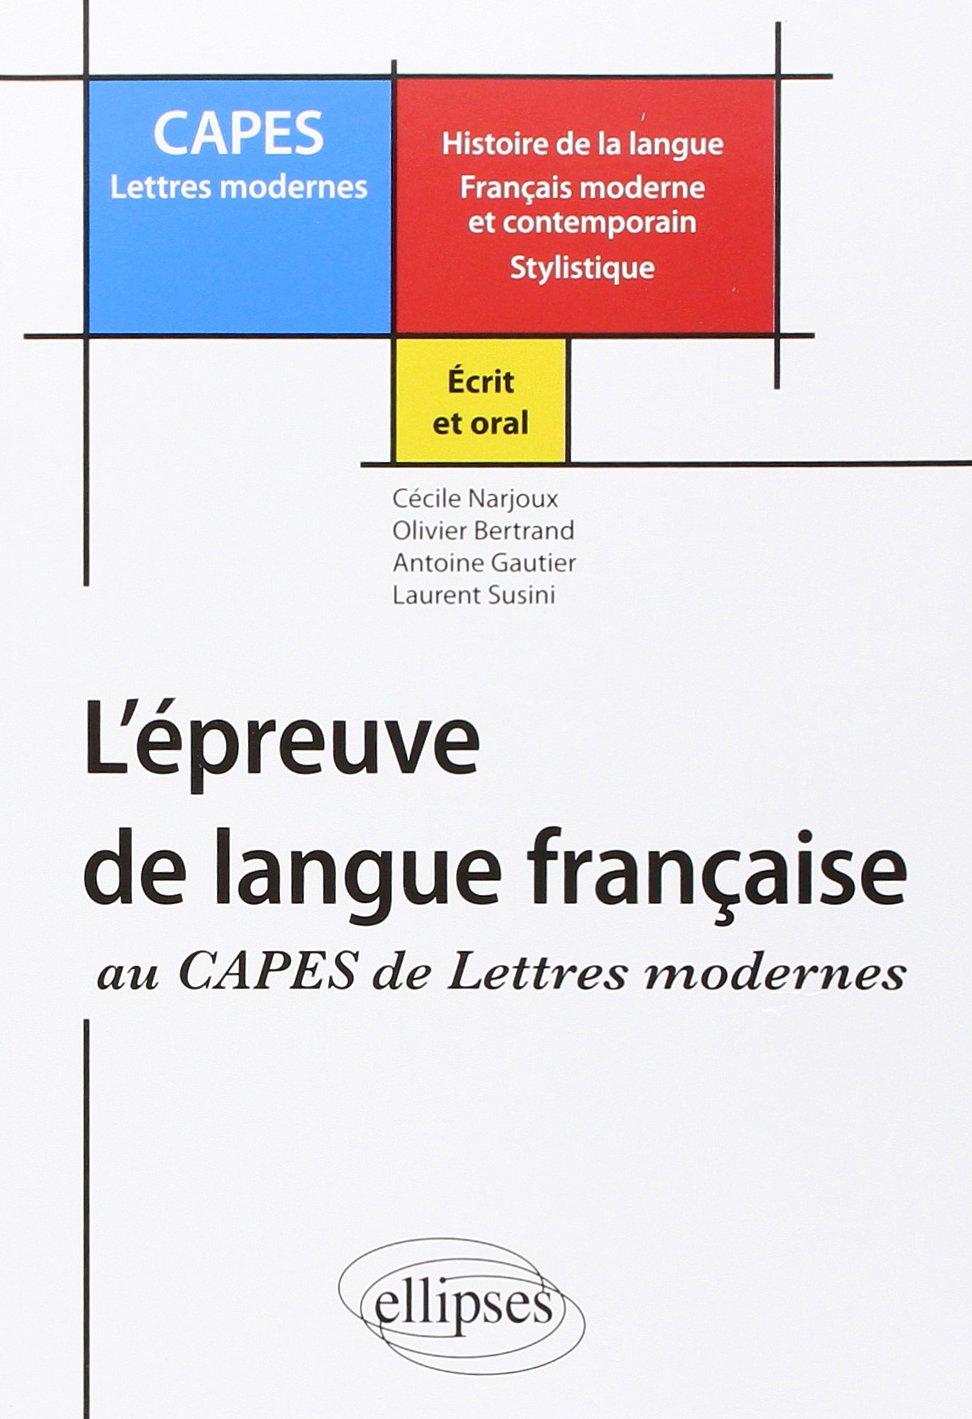 annales capes lettres modernes dissertation A découvrir mots clés : capes français 2017, lettres modernes, lettres classiques autres mots clés : annales capes français lettres modernes.